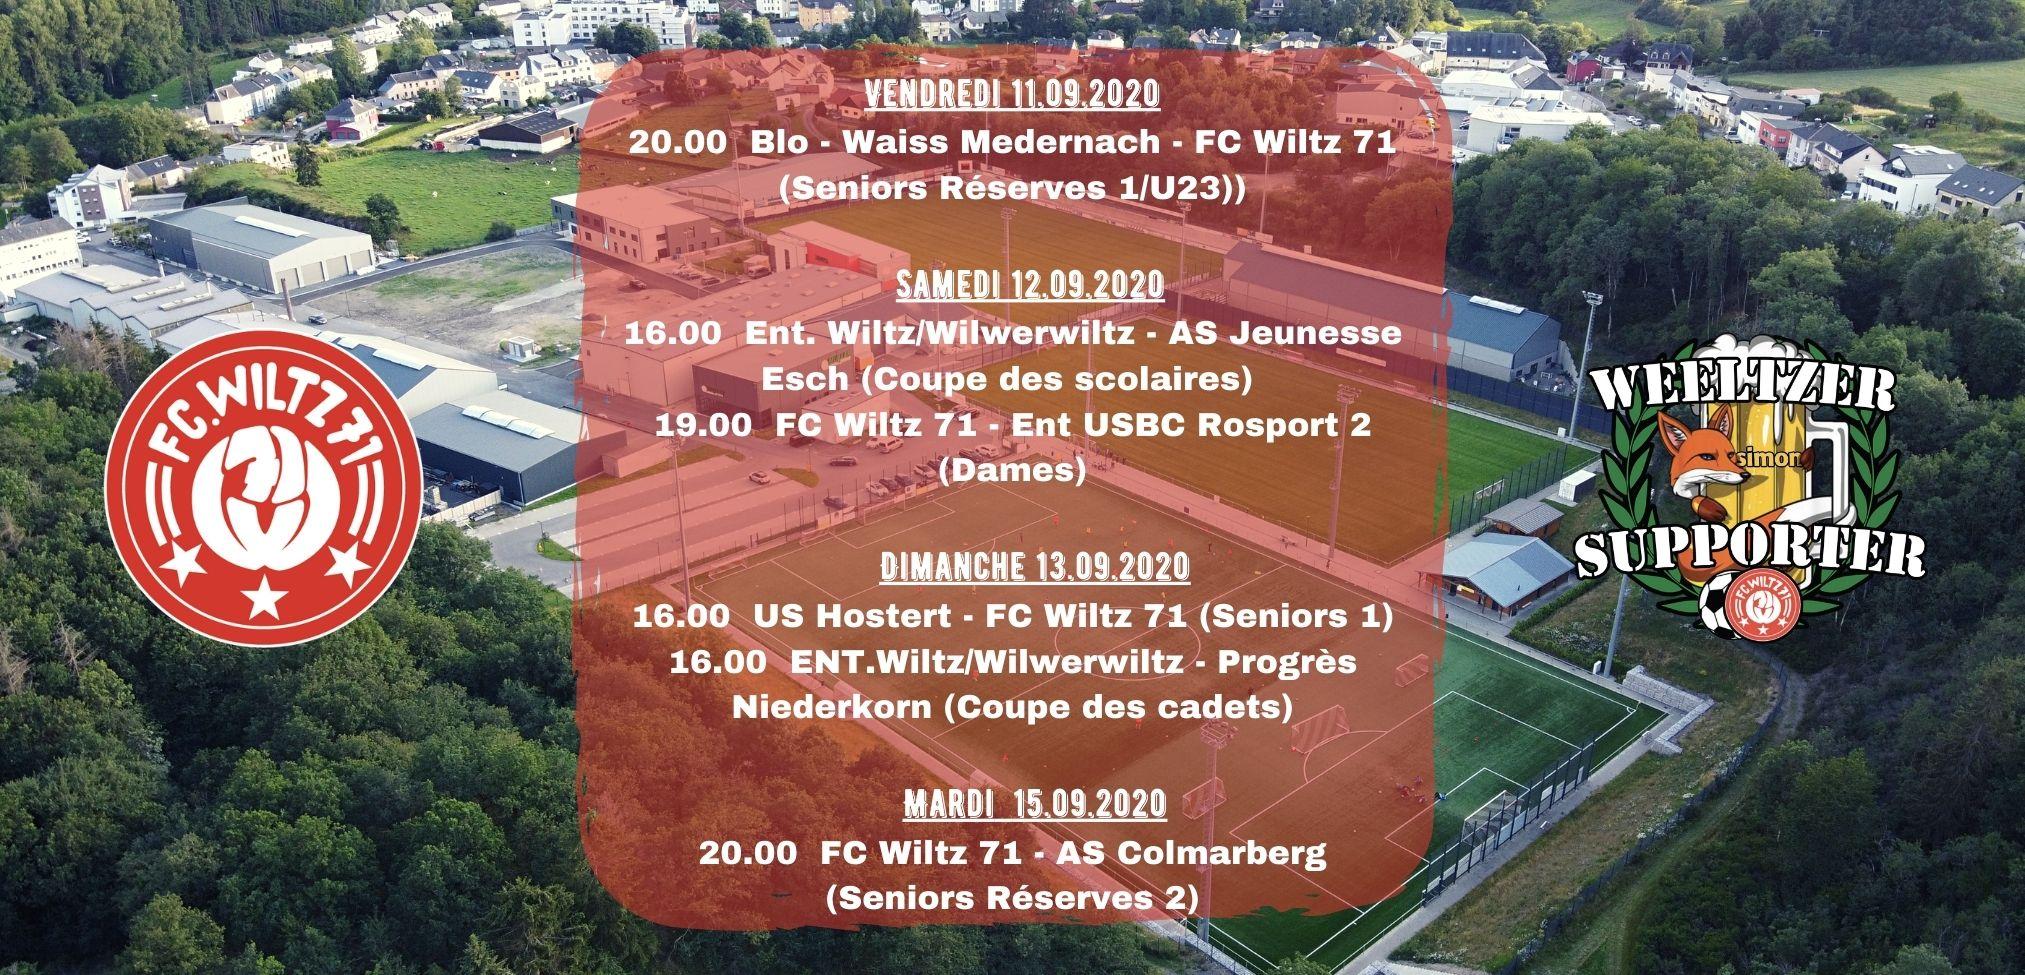 Spielplan für das Wochenende! Support your club!